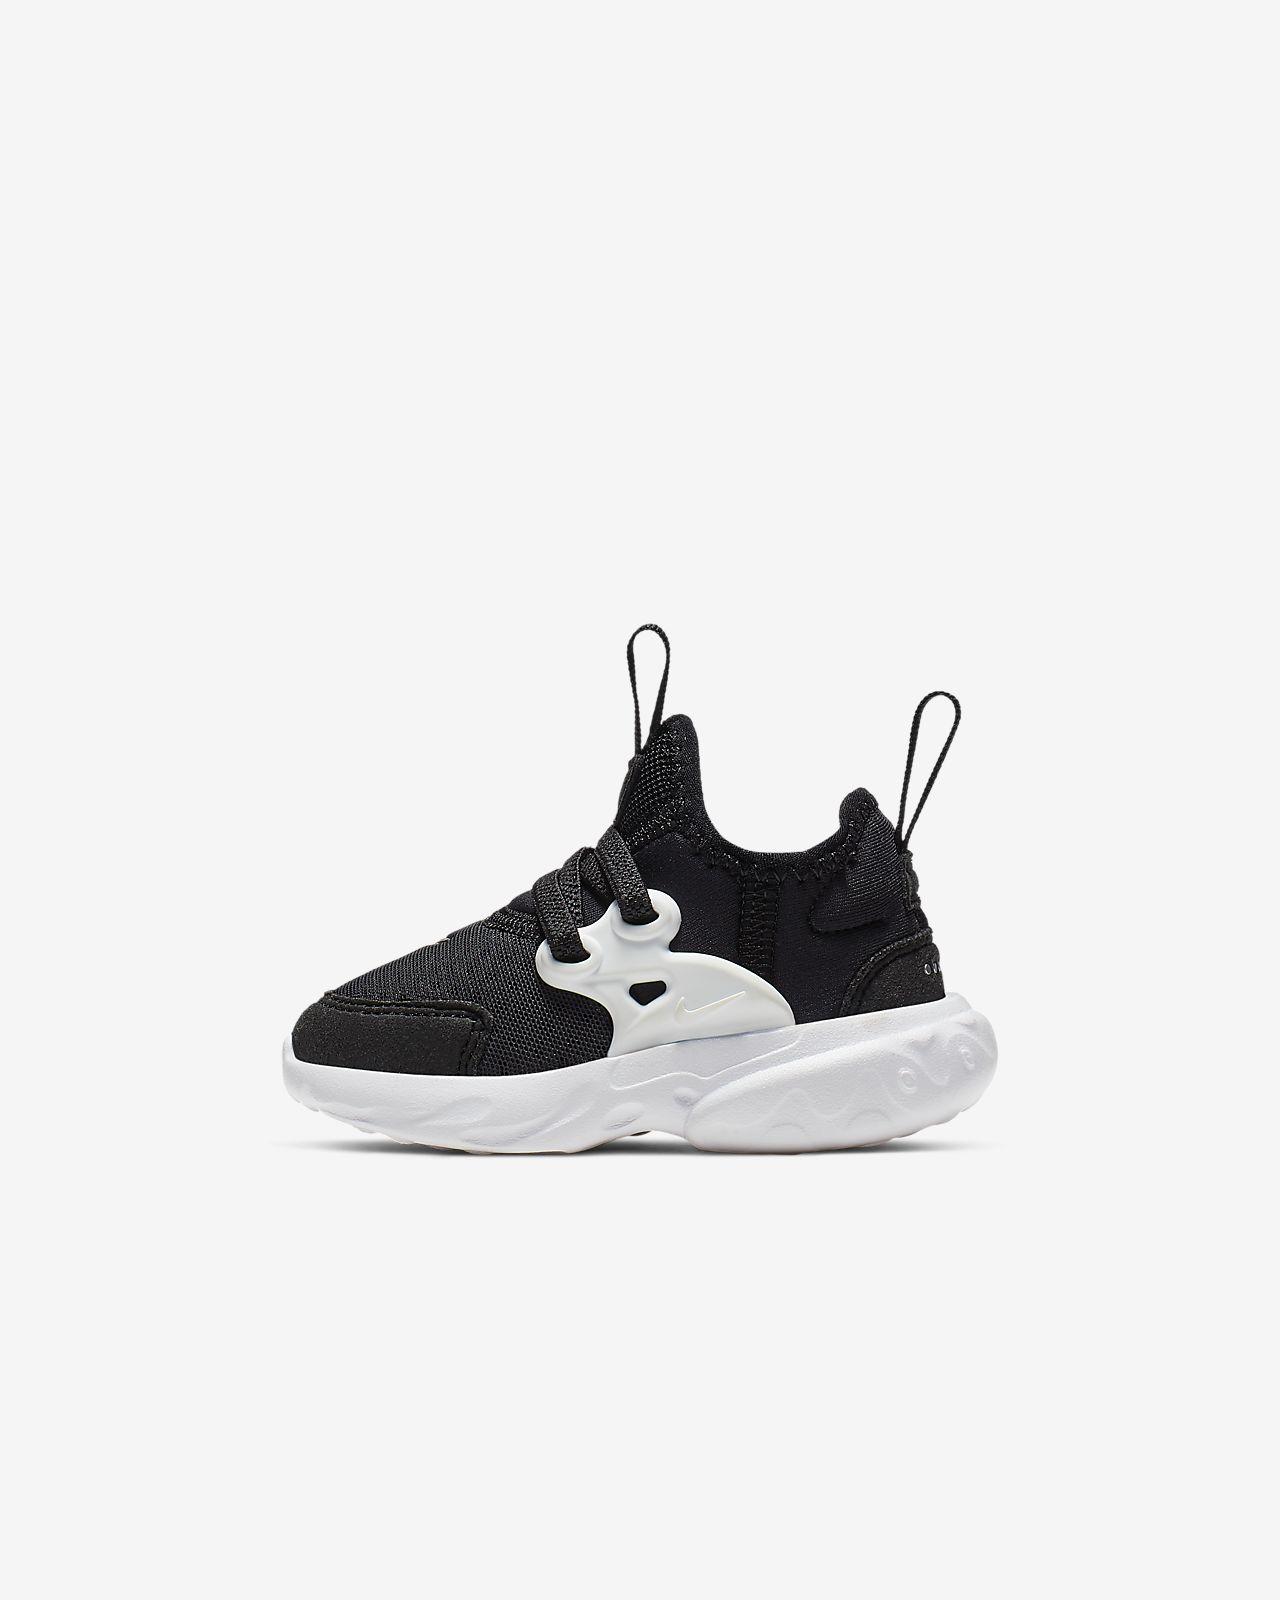 dcc92f36e65 Nike RT Presto Schoen voor baby's/peuters. Nike.com BE